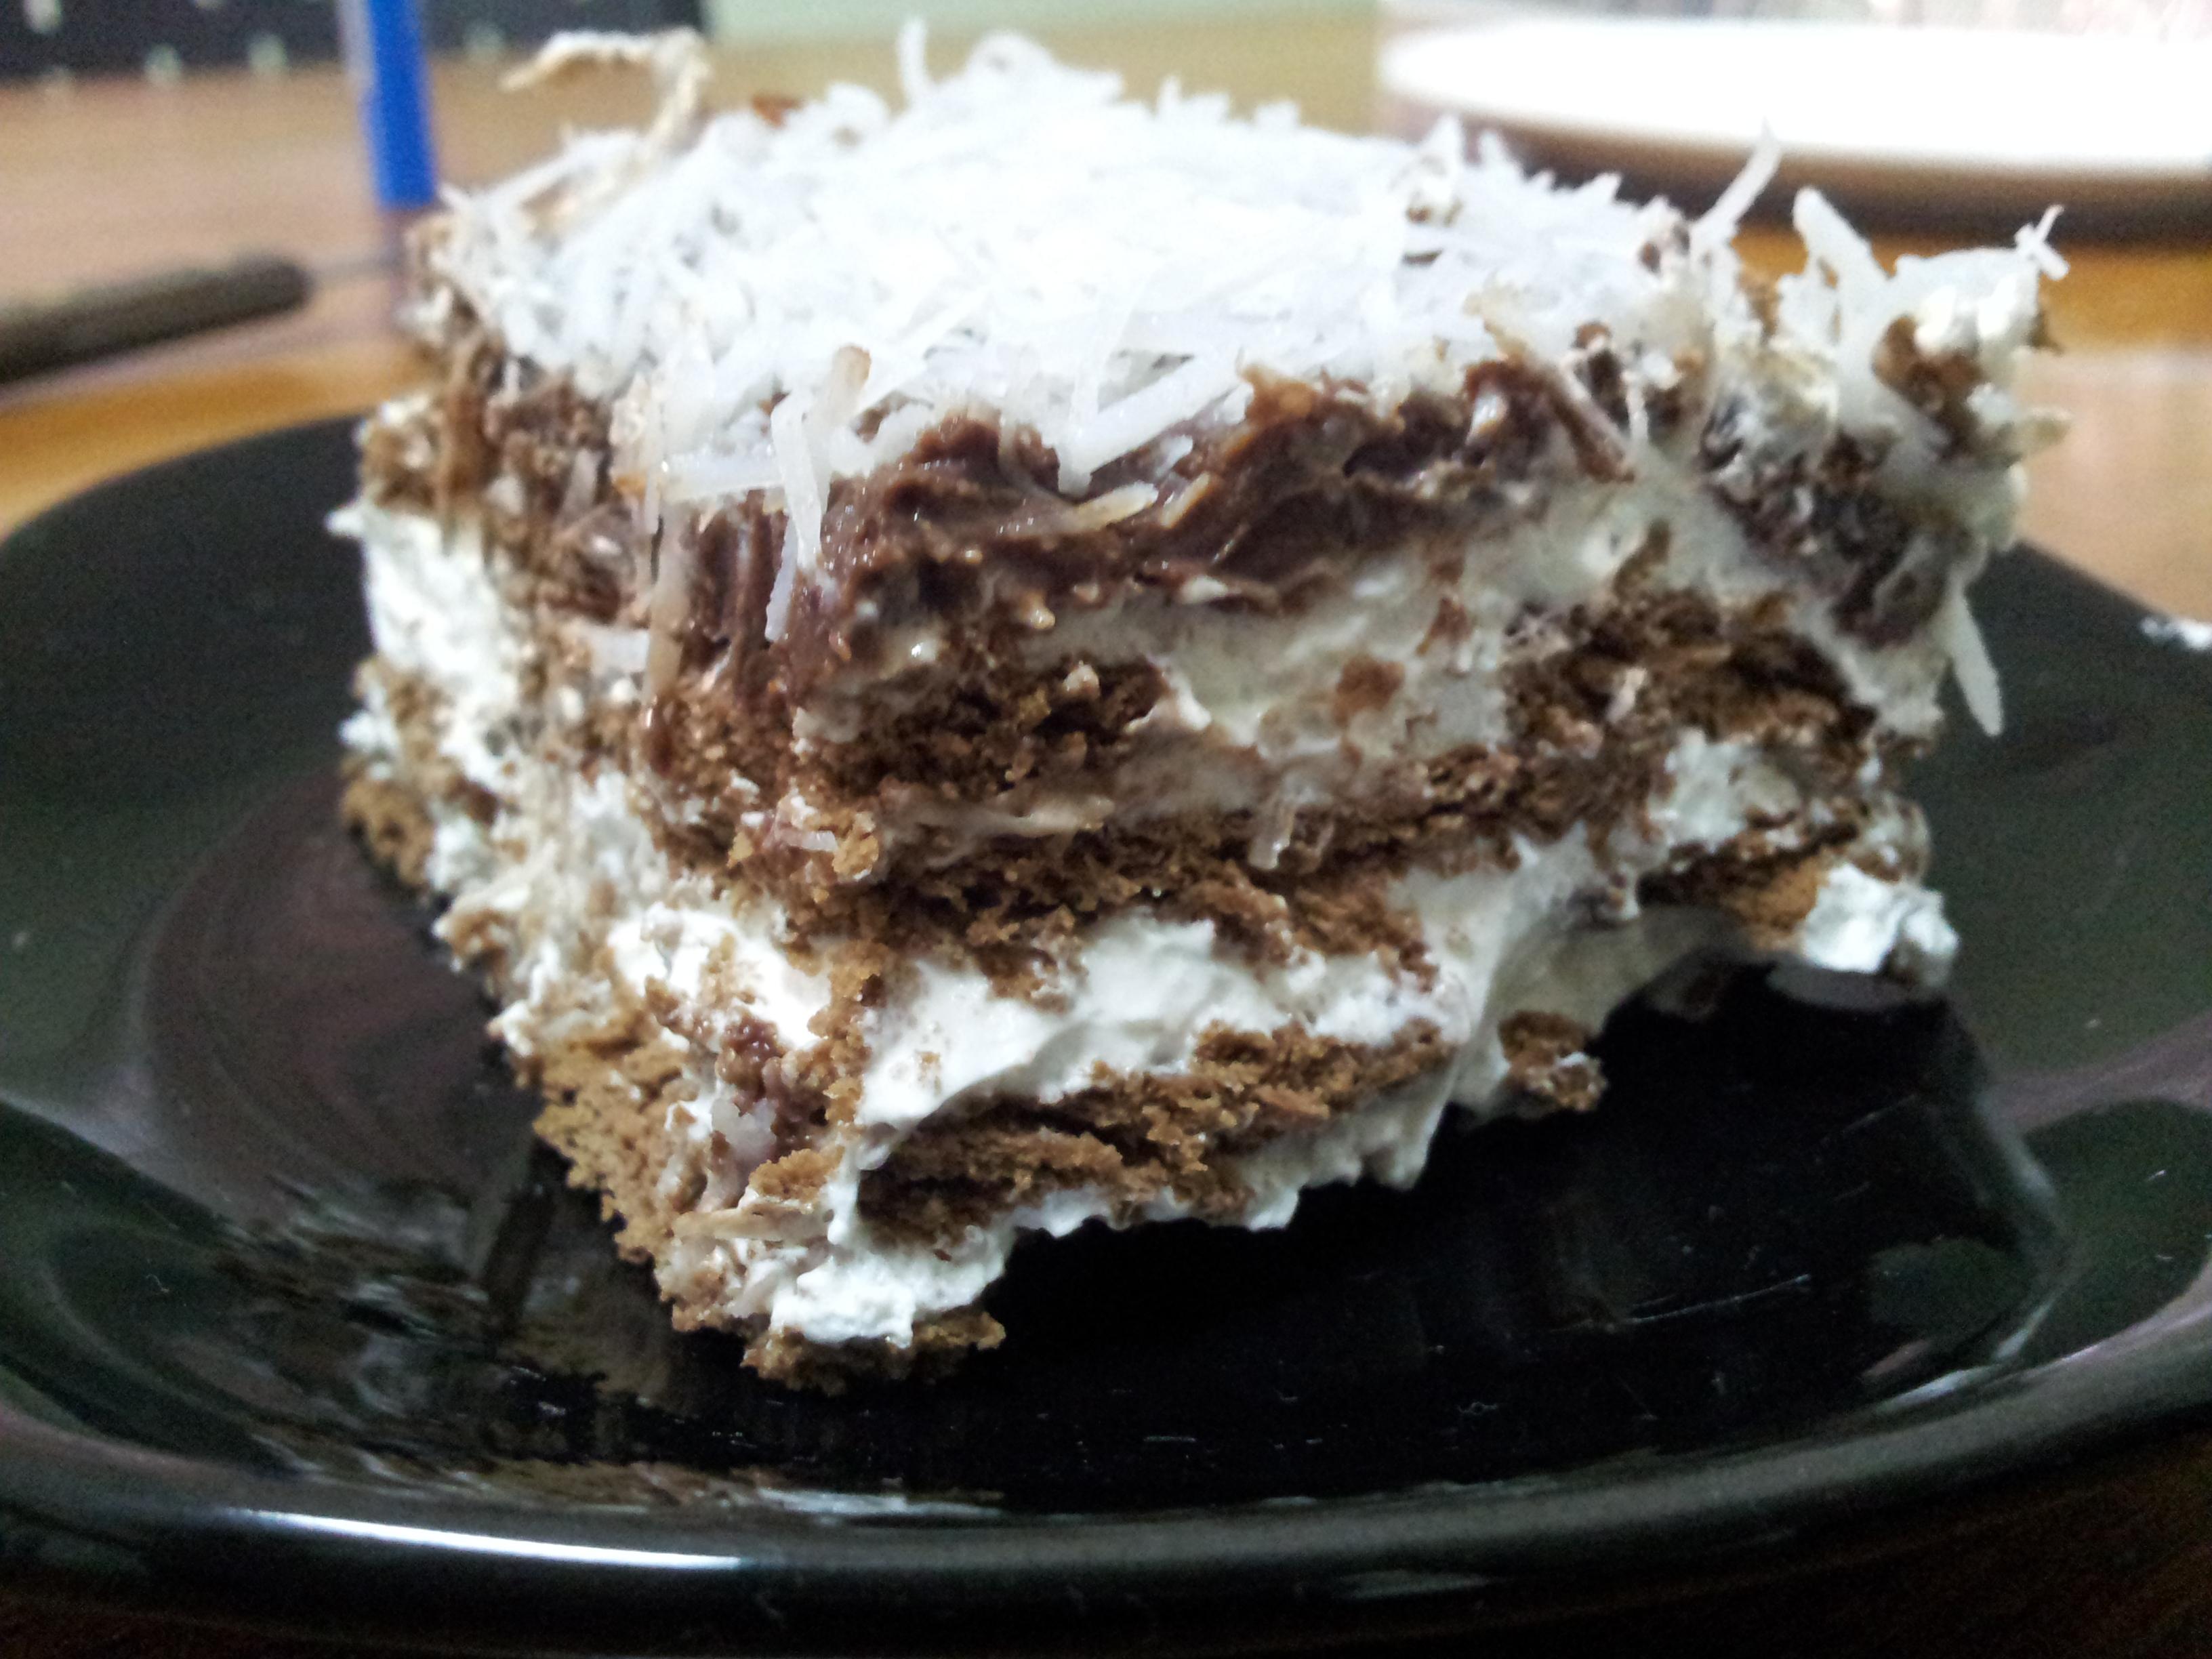 torta-de-nata-batida-com-coco-ralado